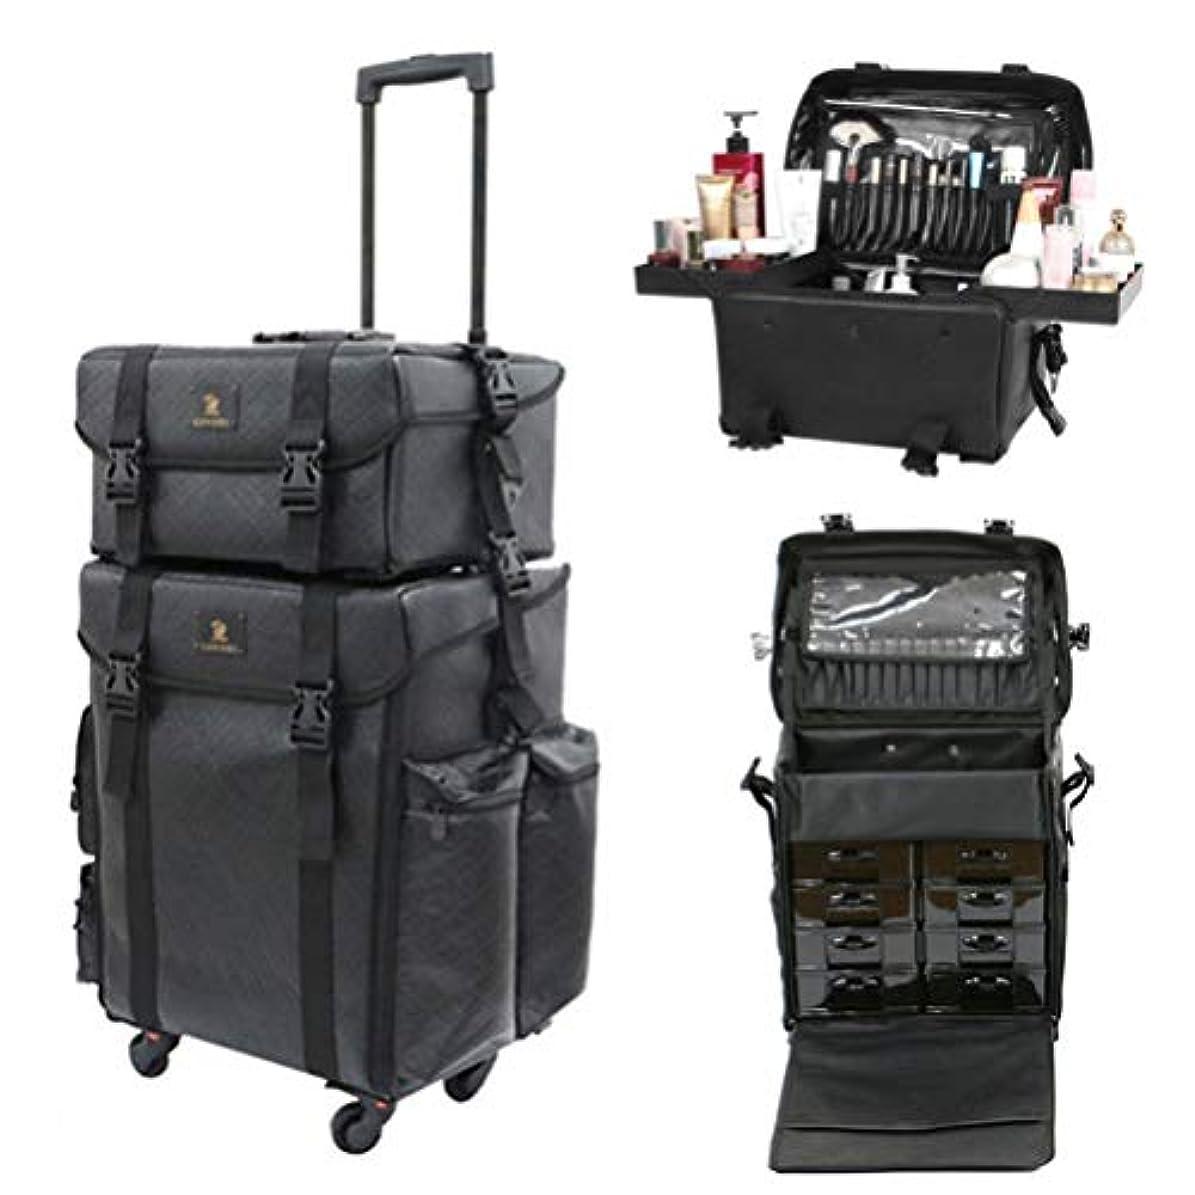 白鳥何でも胸LUVODI メイクボックス 大容量 プロ コスメボックス 旅行 引き出し 化粧品収納 メイクキャリーケース 美容師 化粧箱 防水 レザー 黒